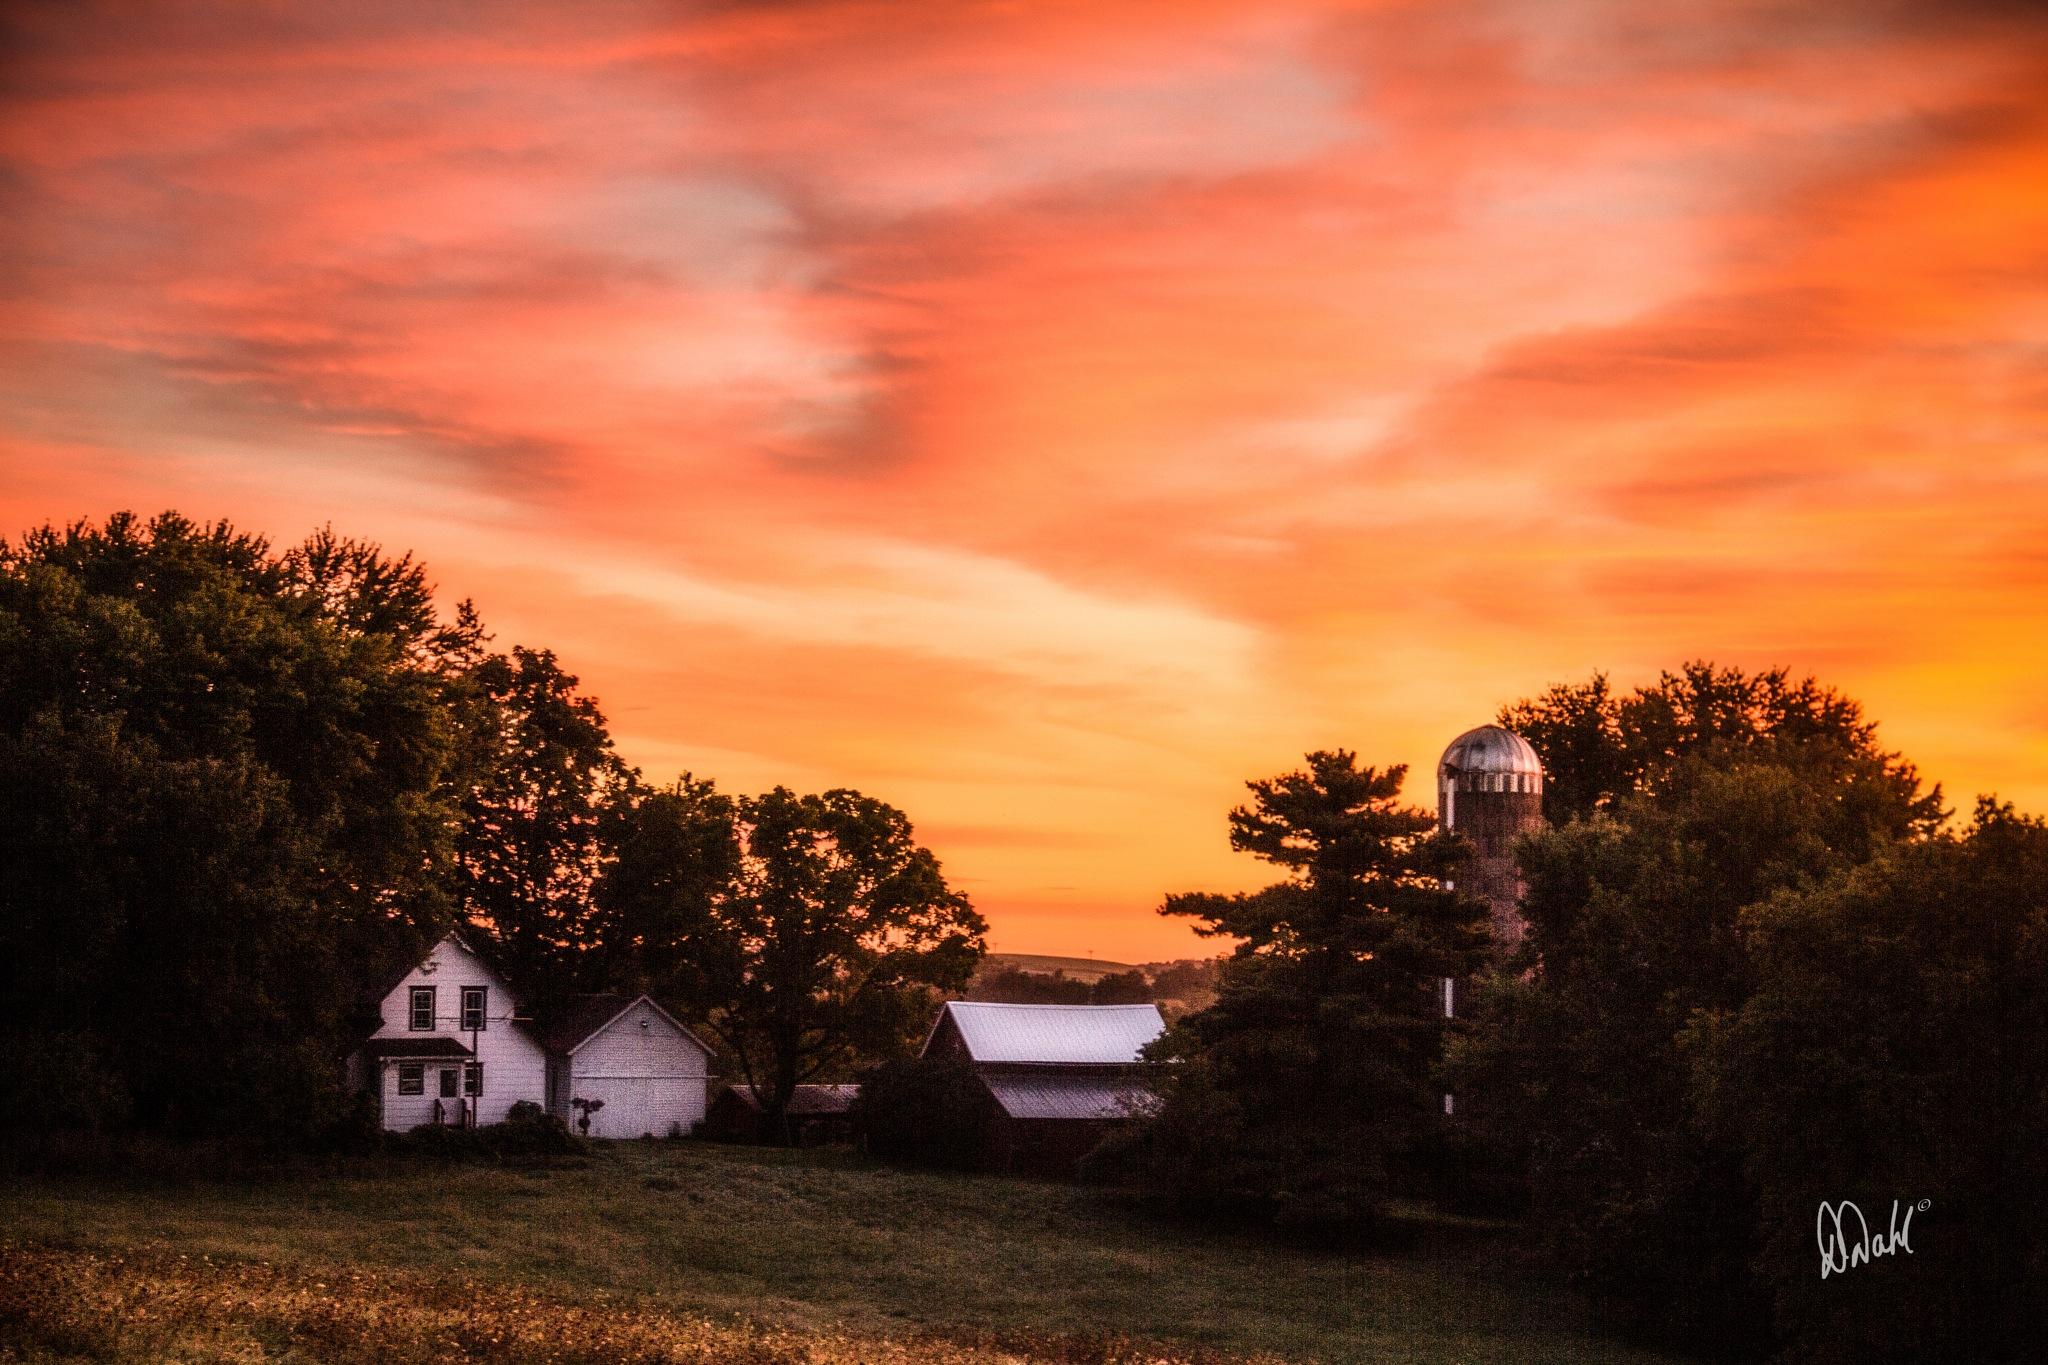 Watercolor Skies by dianedoneit